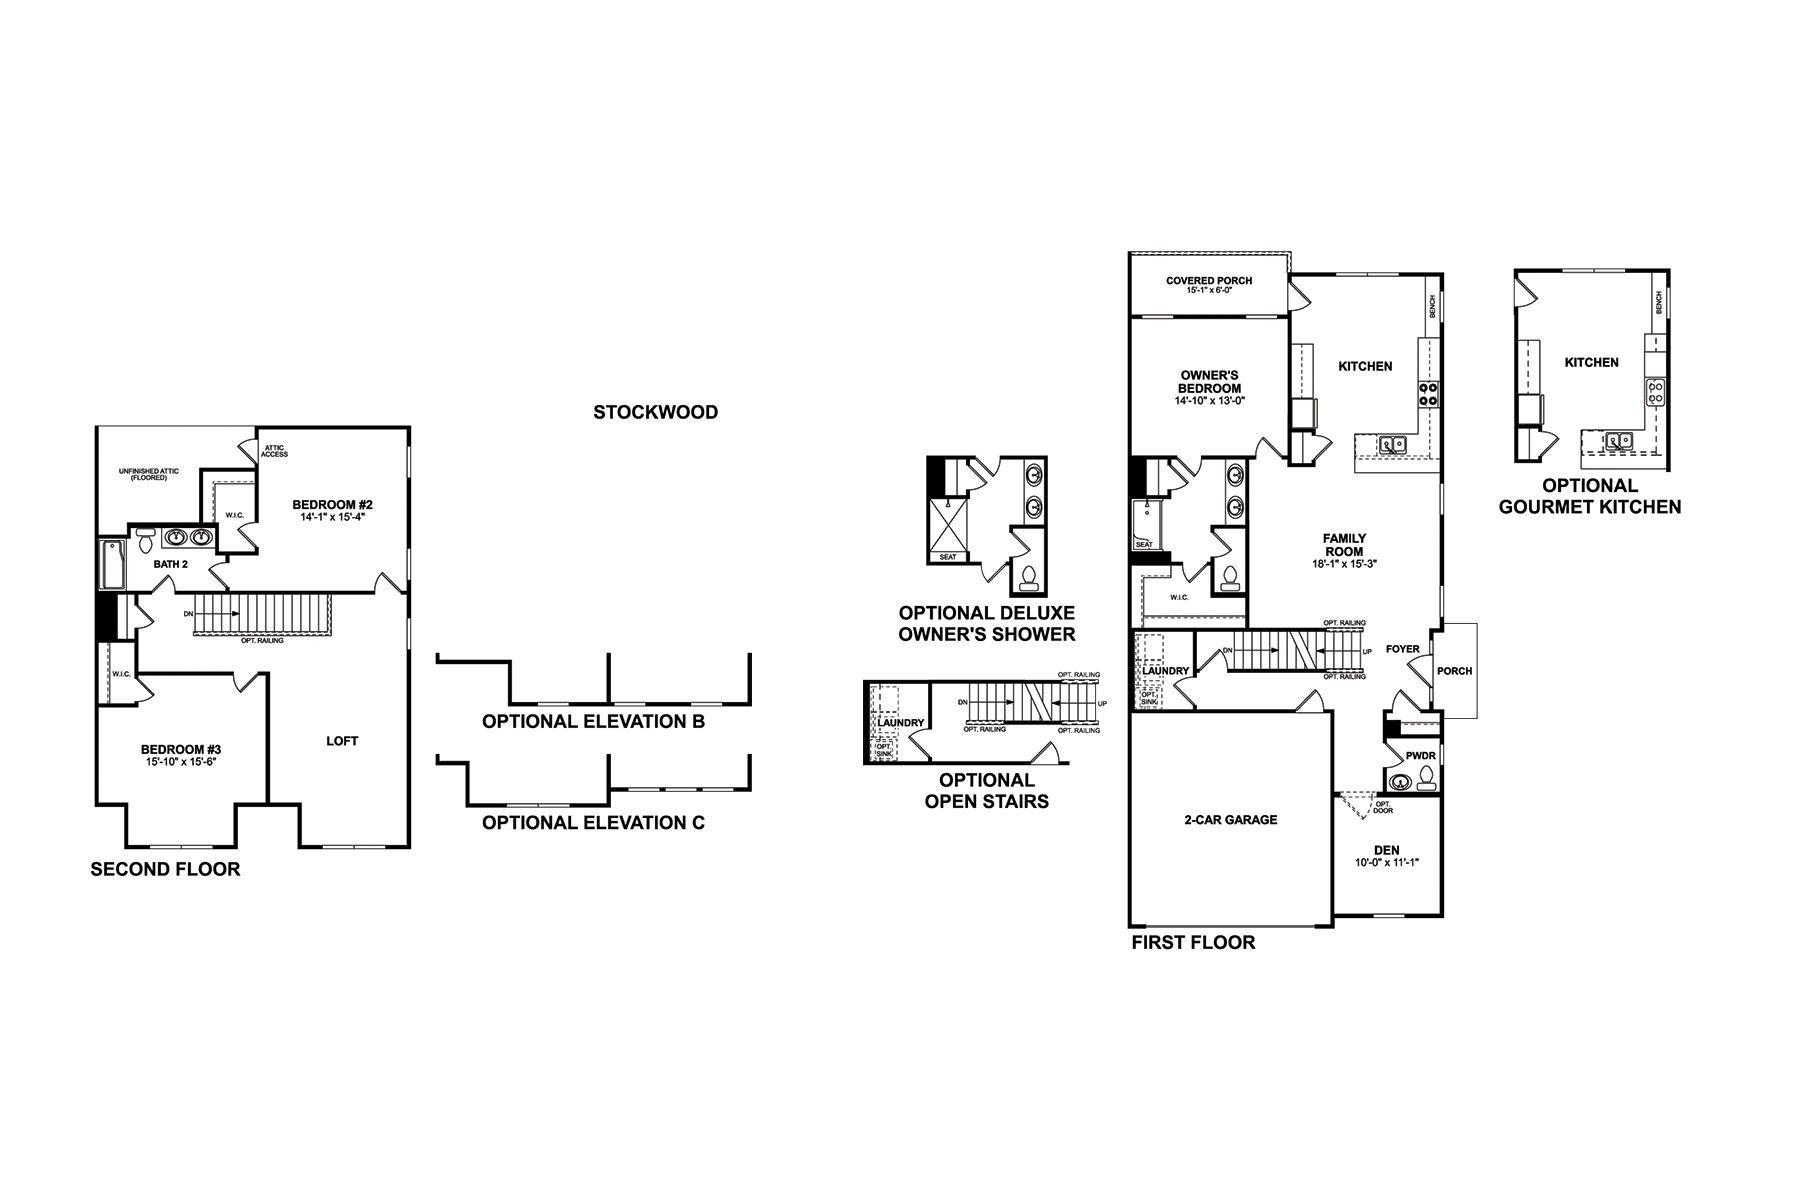 Stockwood Floorplan